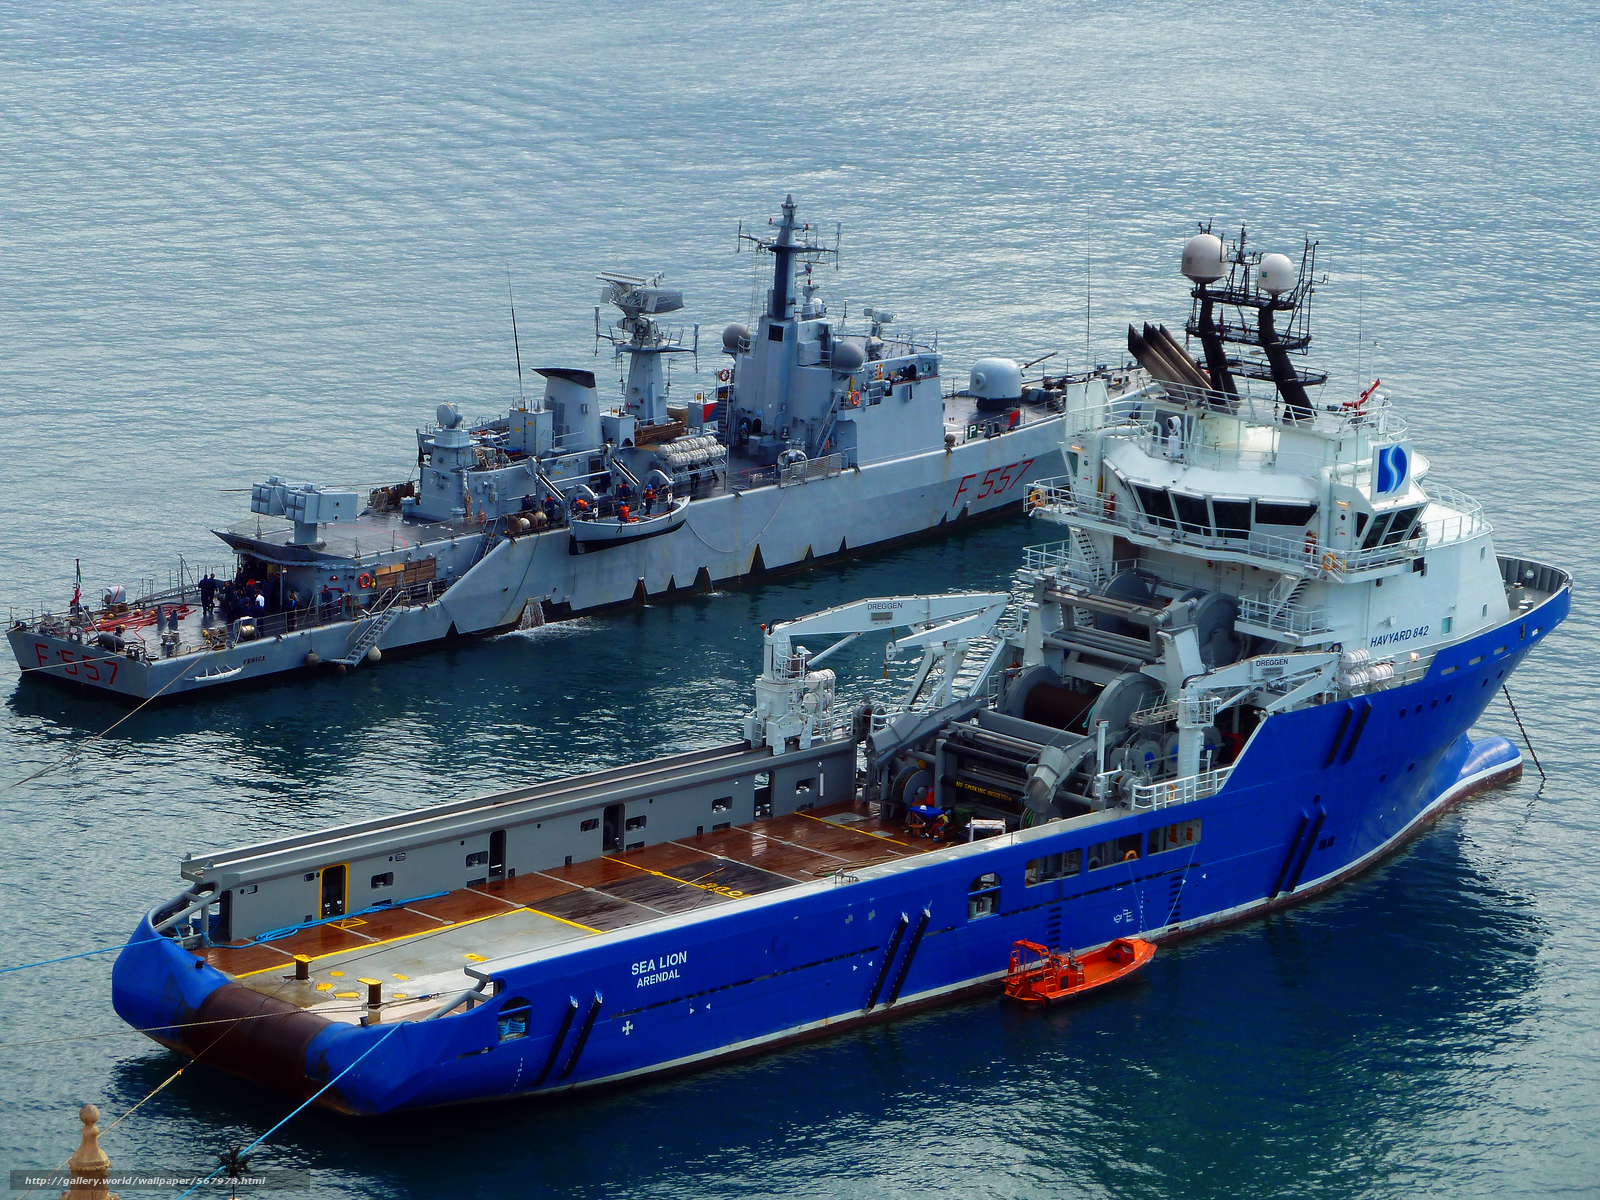 Итальянский Корвет F557 Fenice на Мальте, так как он участвует в западных усилий в ливийской кризиса, На переднем плане является глубоководная питания буксира для установки якорей питания (ТБС)